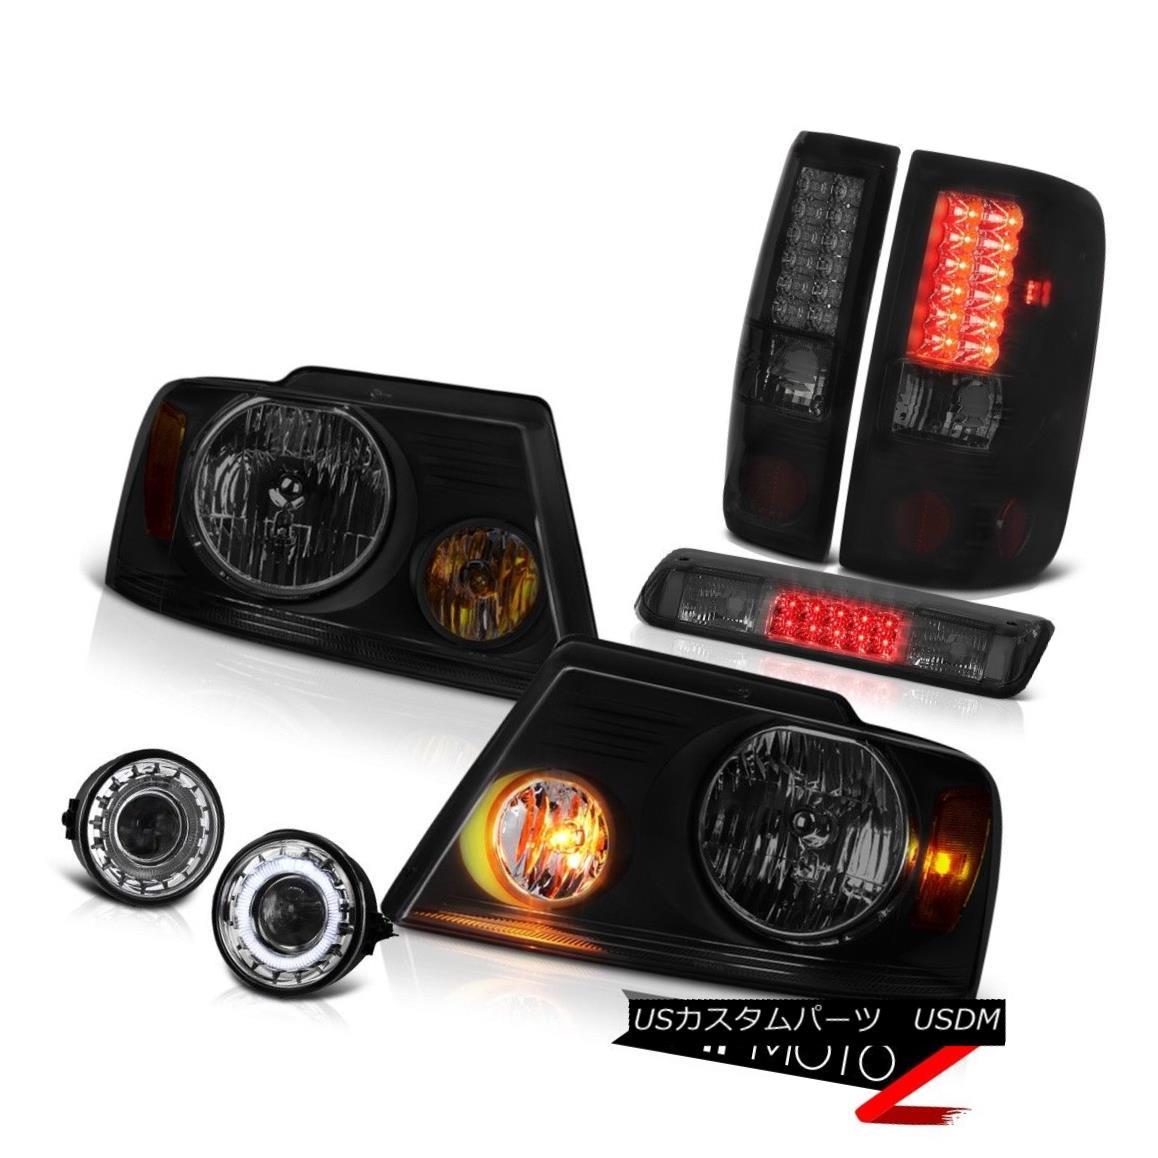 テールライト 06 07 08 Ford F150 FX4 Fog Lights High Stop Light Headlights Taillamps OE Style 06 07 08フォードF150 FX4フォグライティングハイストップライトヘッドライトテールランプOEスタイル